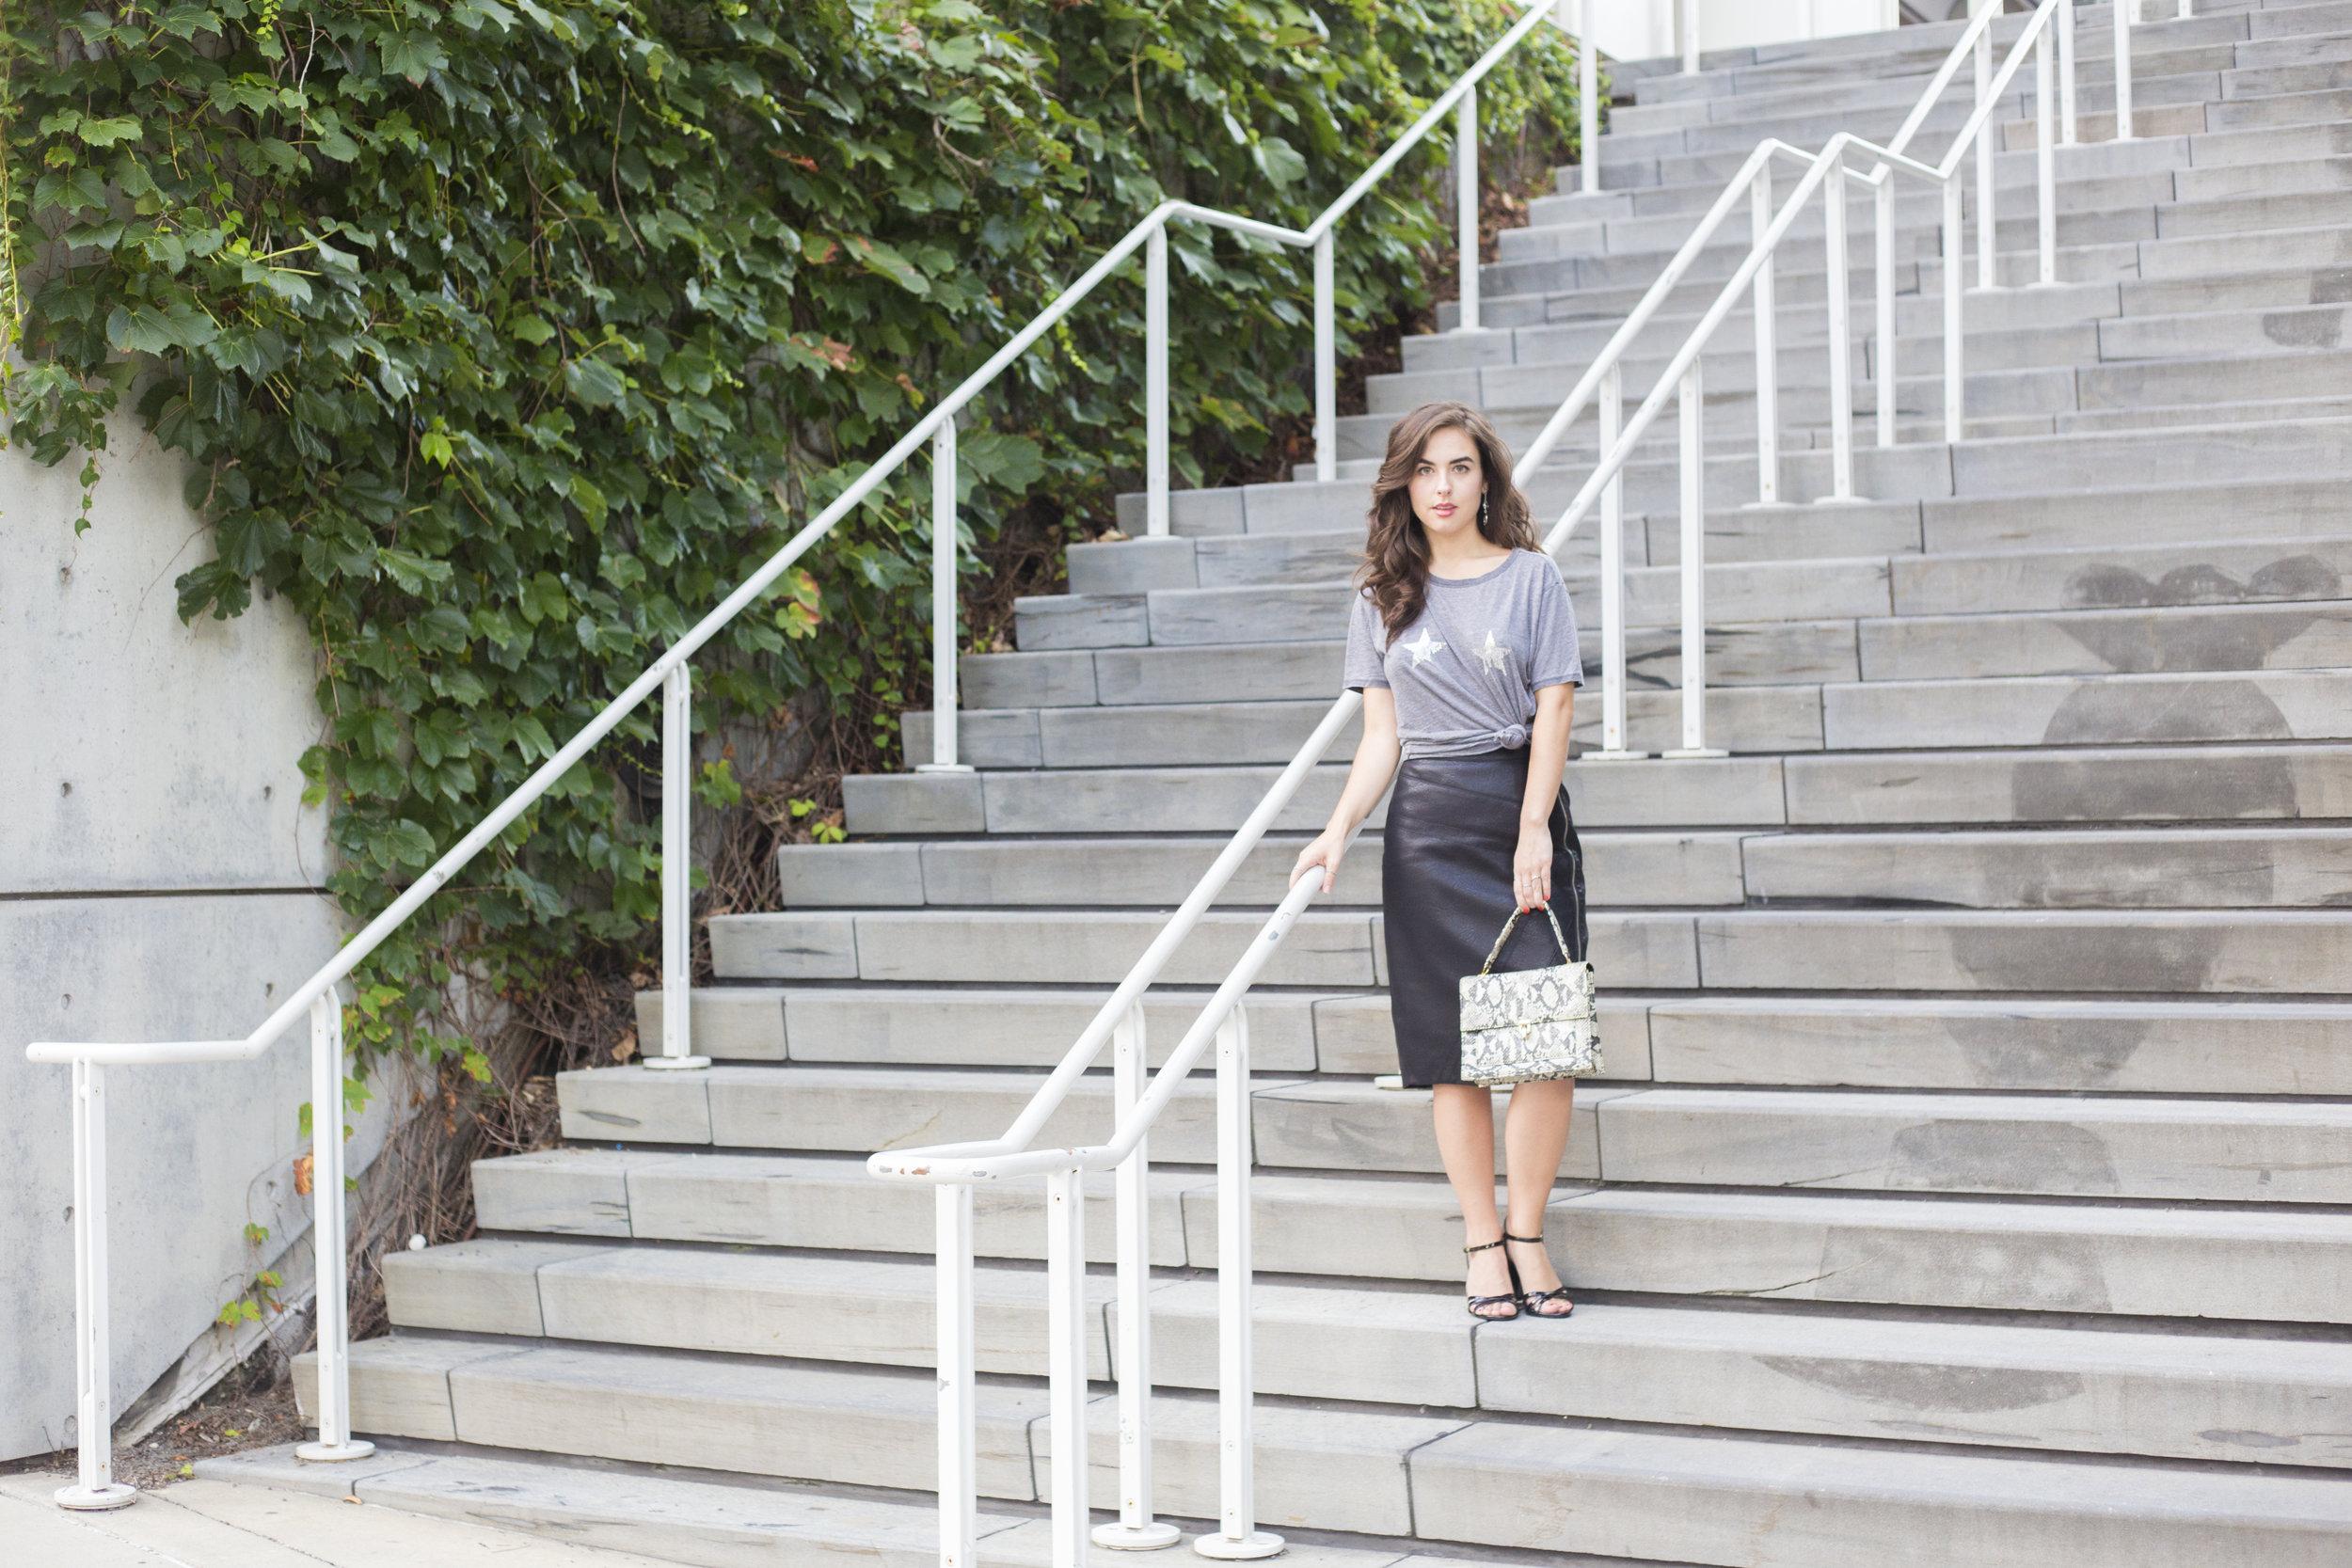 Shirt: Guess; Skirt: Jennifer Lopez Clothing;  Shoes:  H&M (via Goodwill); Purse: Goodwill